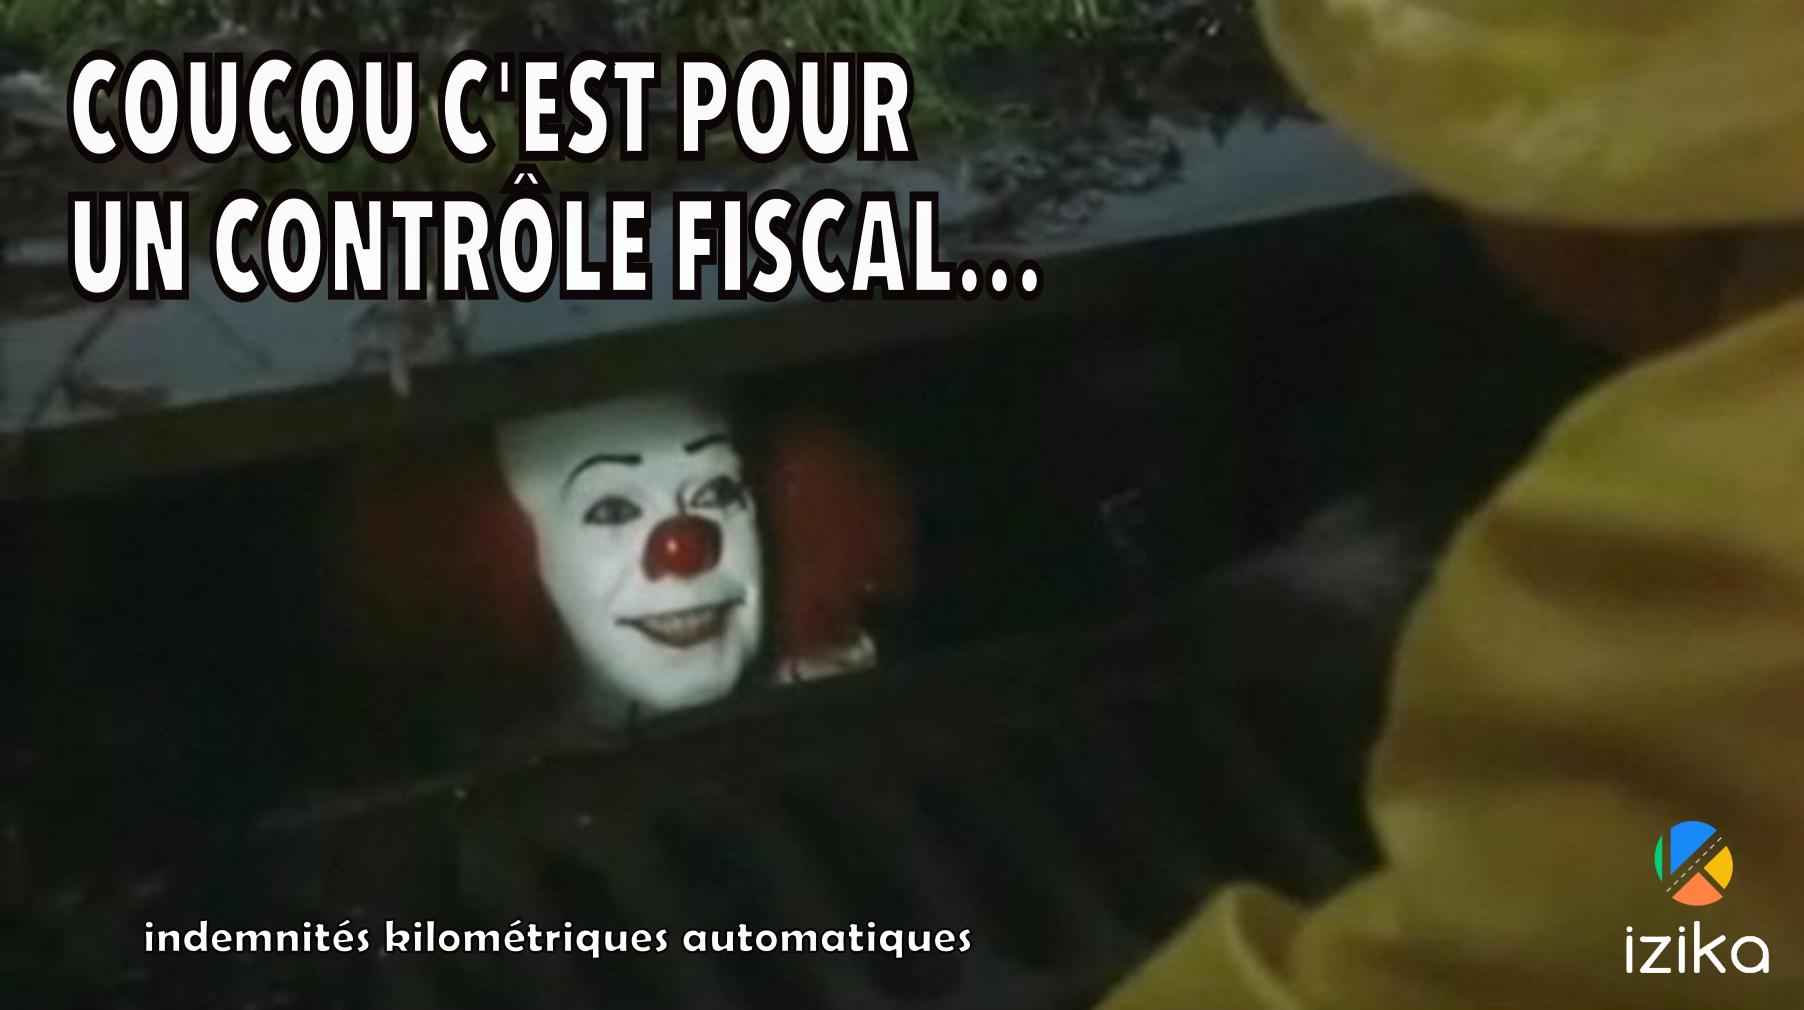 controle fiscal indemnités kilométriques